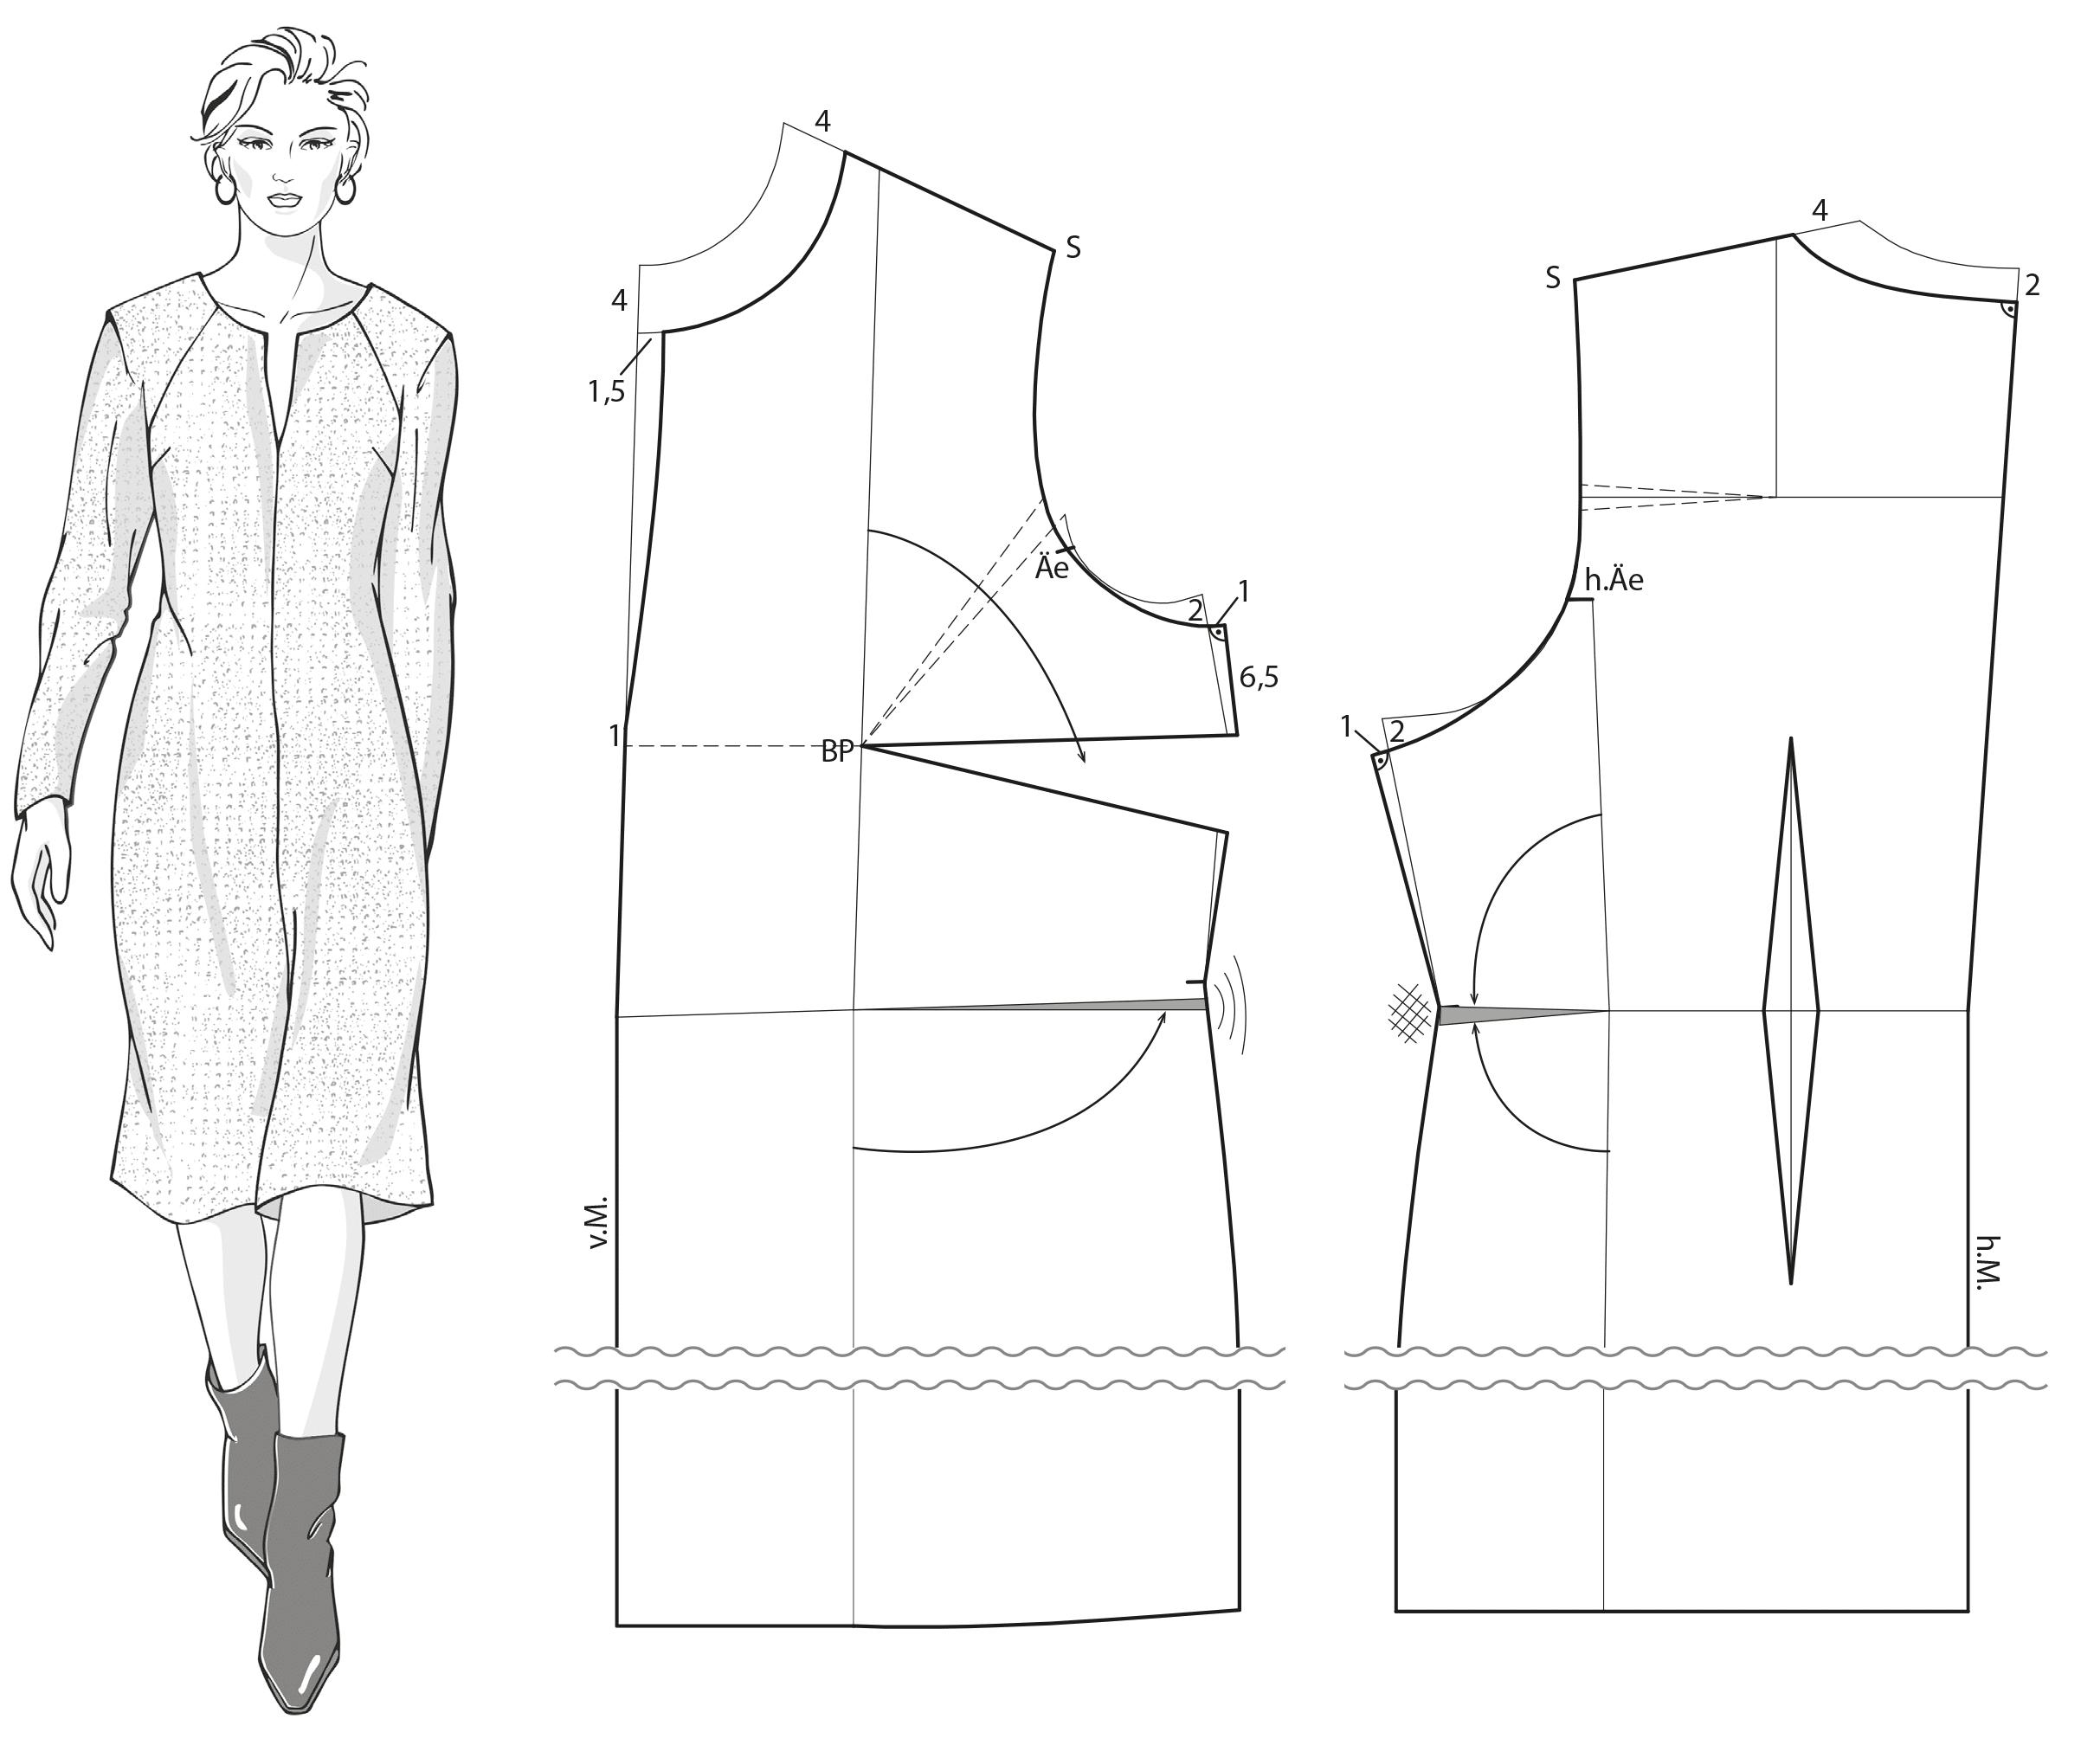 Zu sehen ist die Schnitt-Technik für ein Kleid für Frauen mit großen Größen.